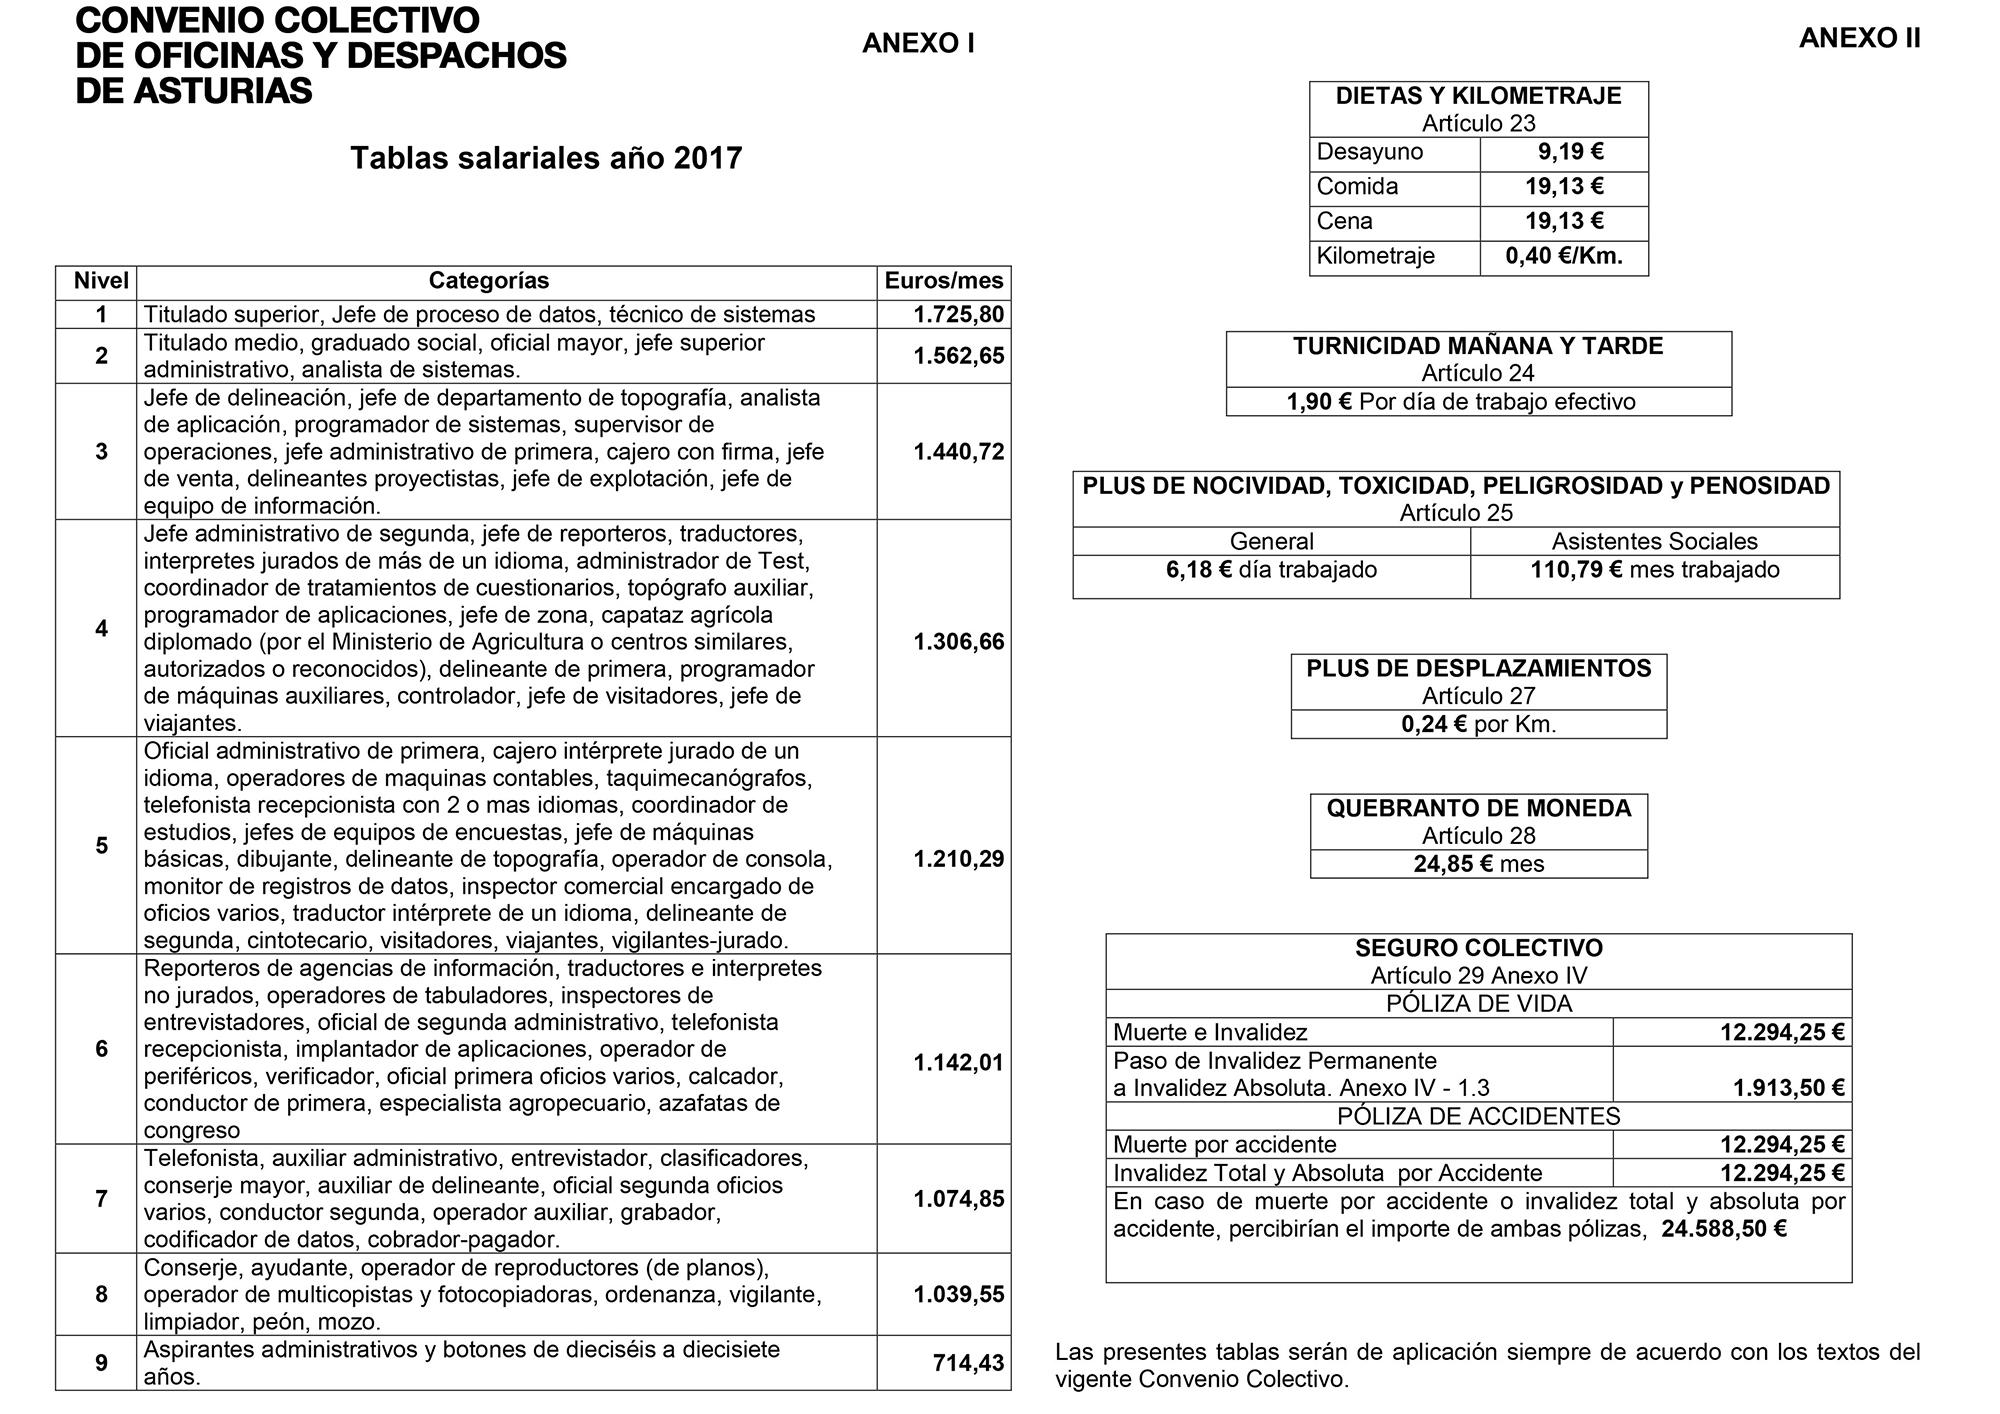 Convenio De Oficinas Y Despachos De Asturias Tabla Salarial 2017